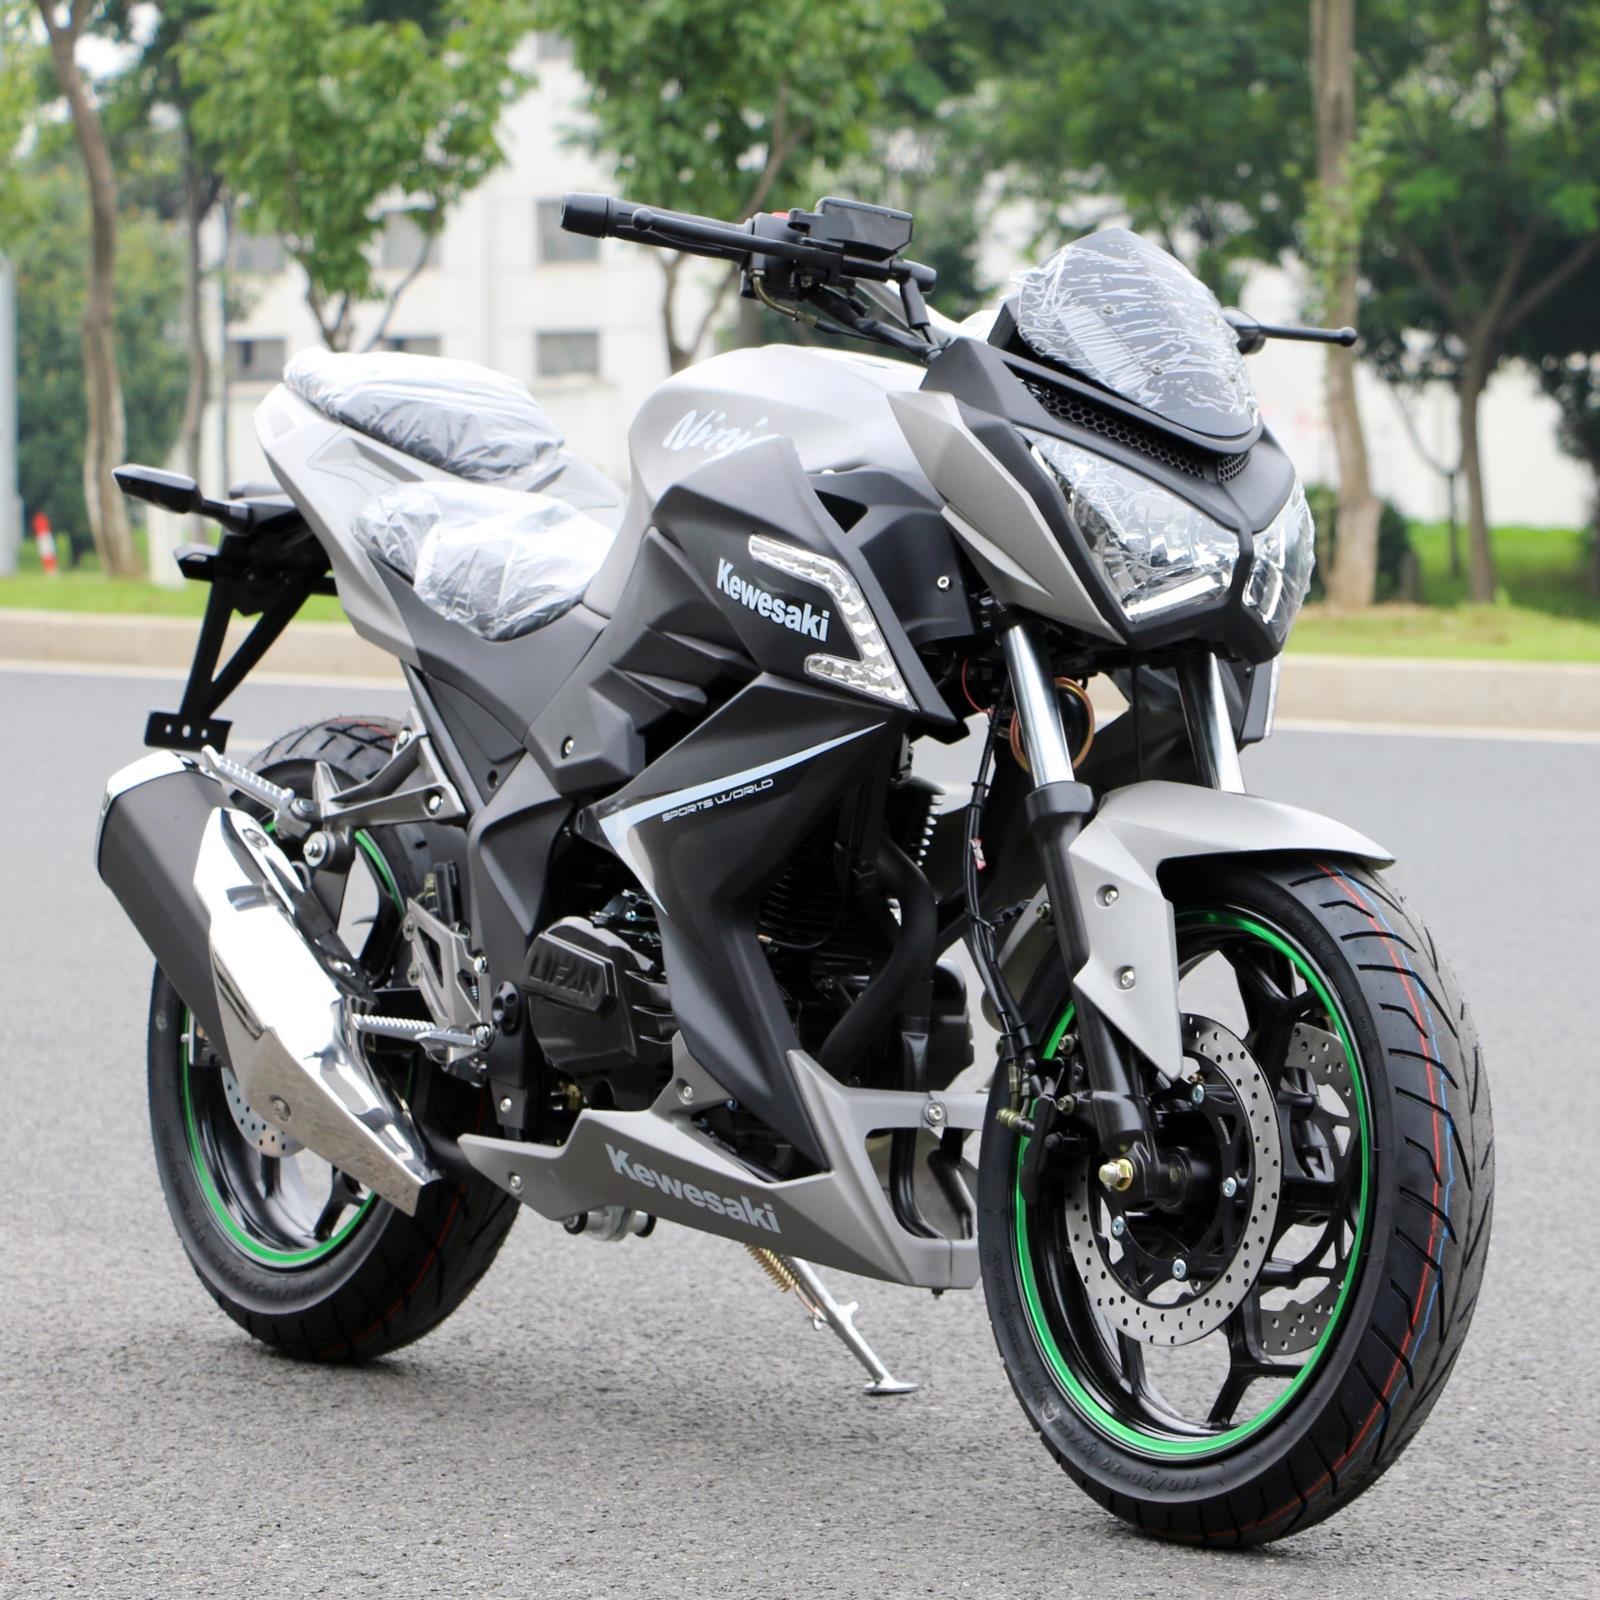 摩托车跑车价格大全_250双缸摩托车跑车报价图片7000-8000元-摩托车跑车250cc双缸多少钱